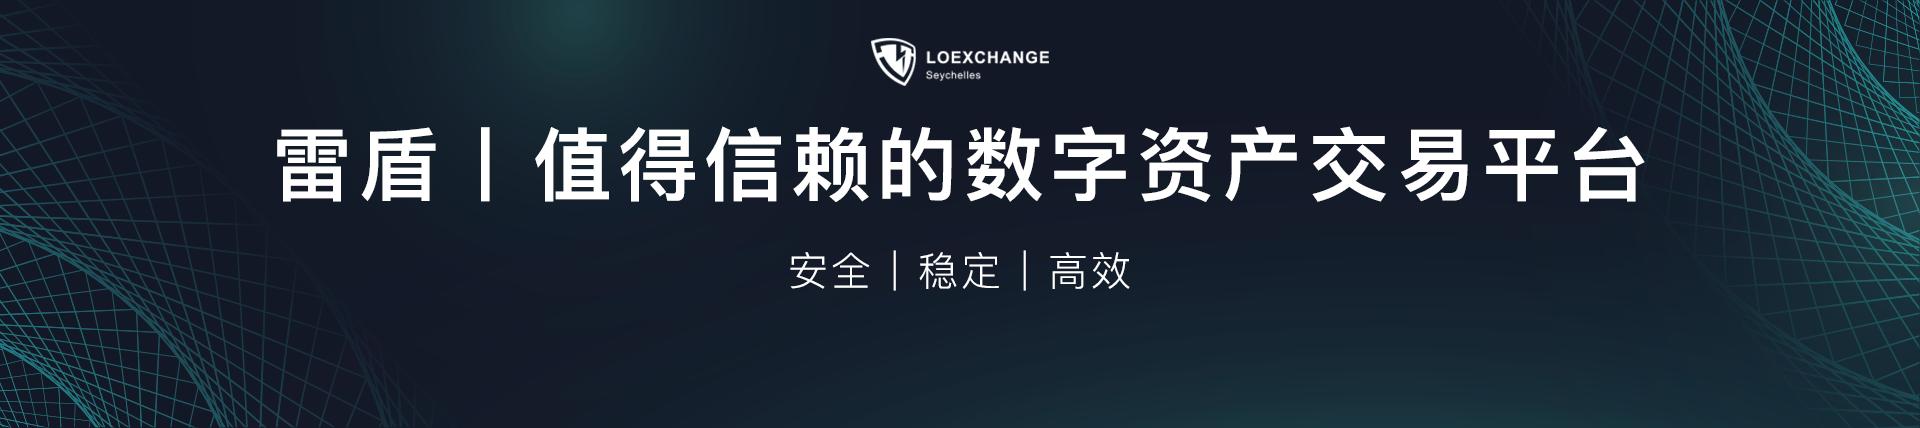 新一代跨链开放式金融系统,FOD即将登陆LOEx雷盾交易所